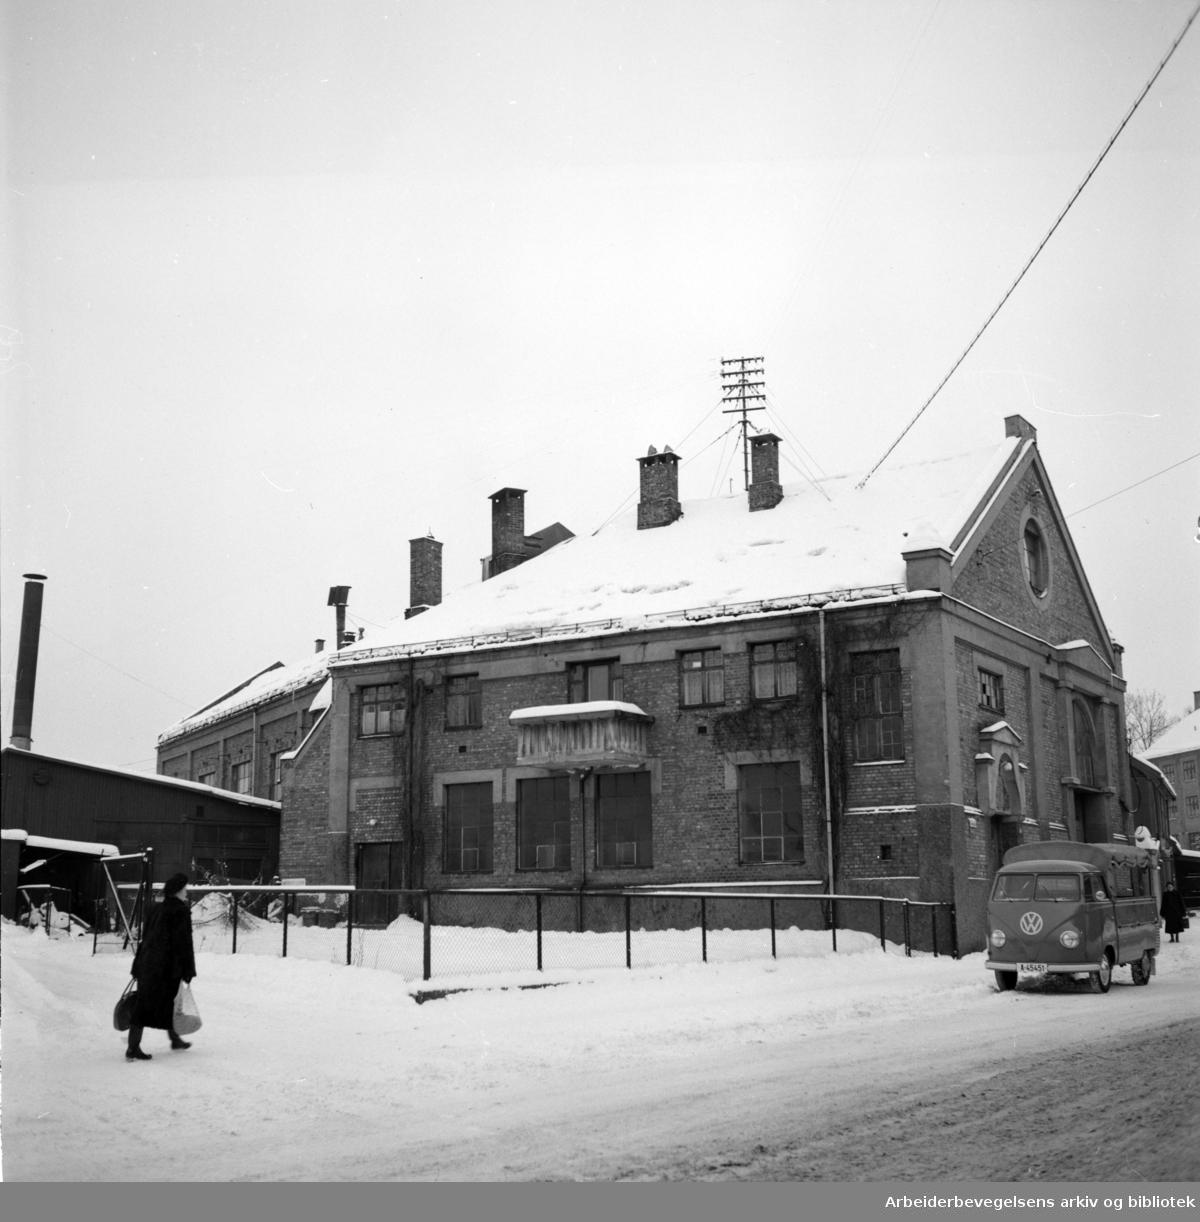 Åsengata. Torshov Arbeideravholdslag, Åsengata 12..Februar 1954